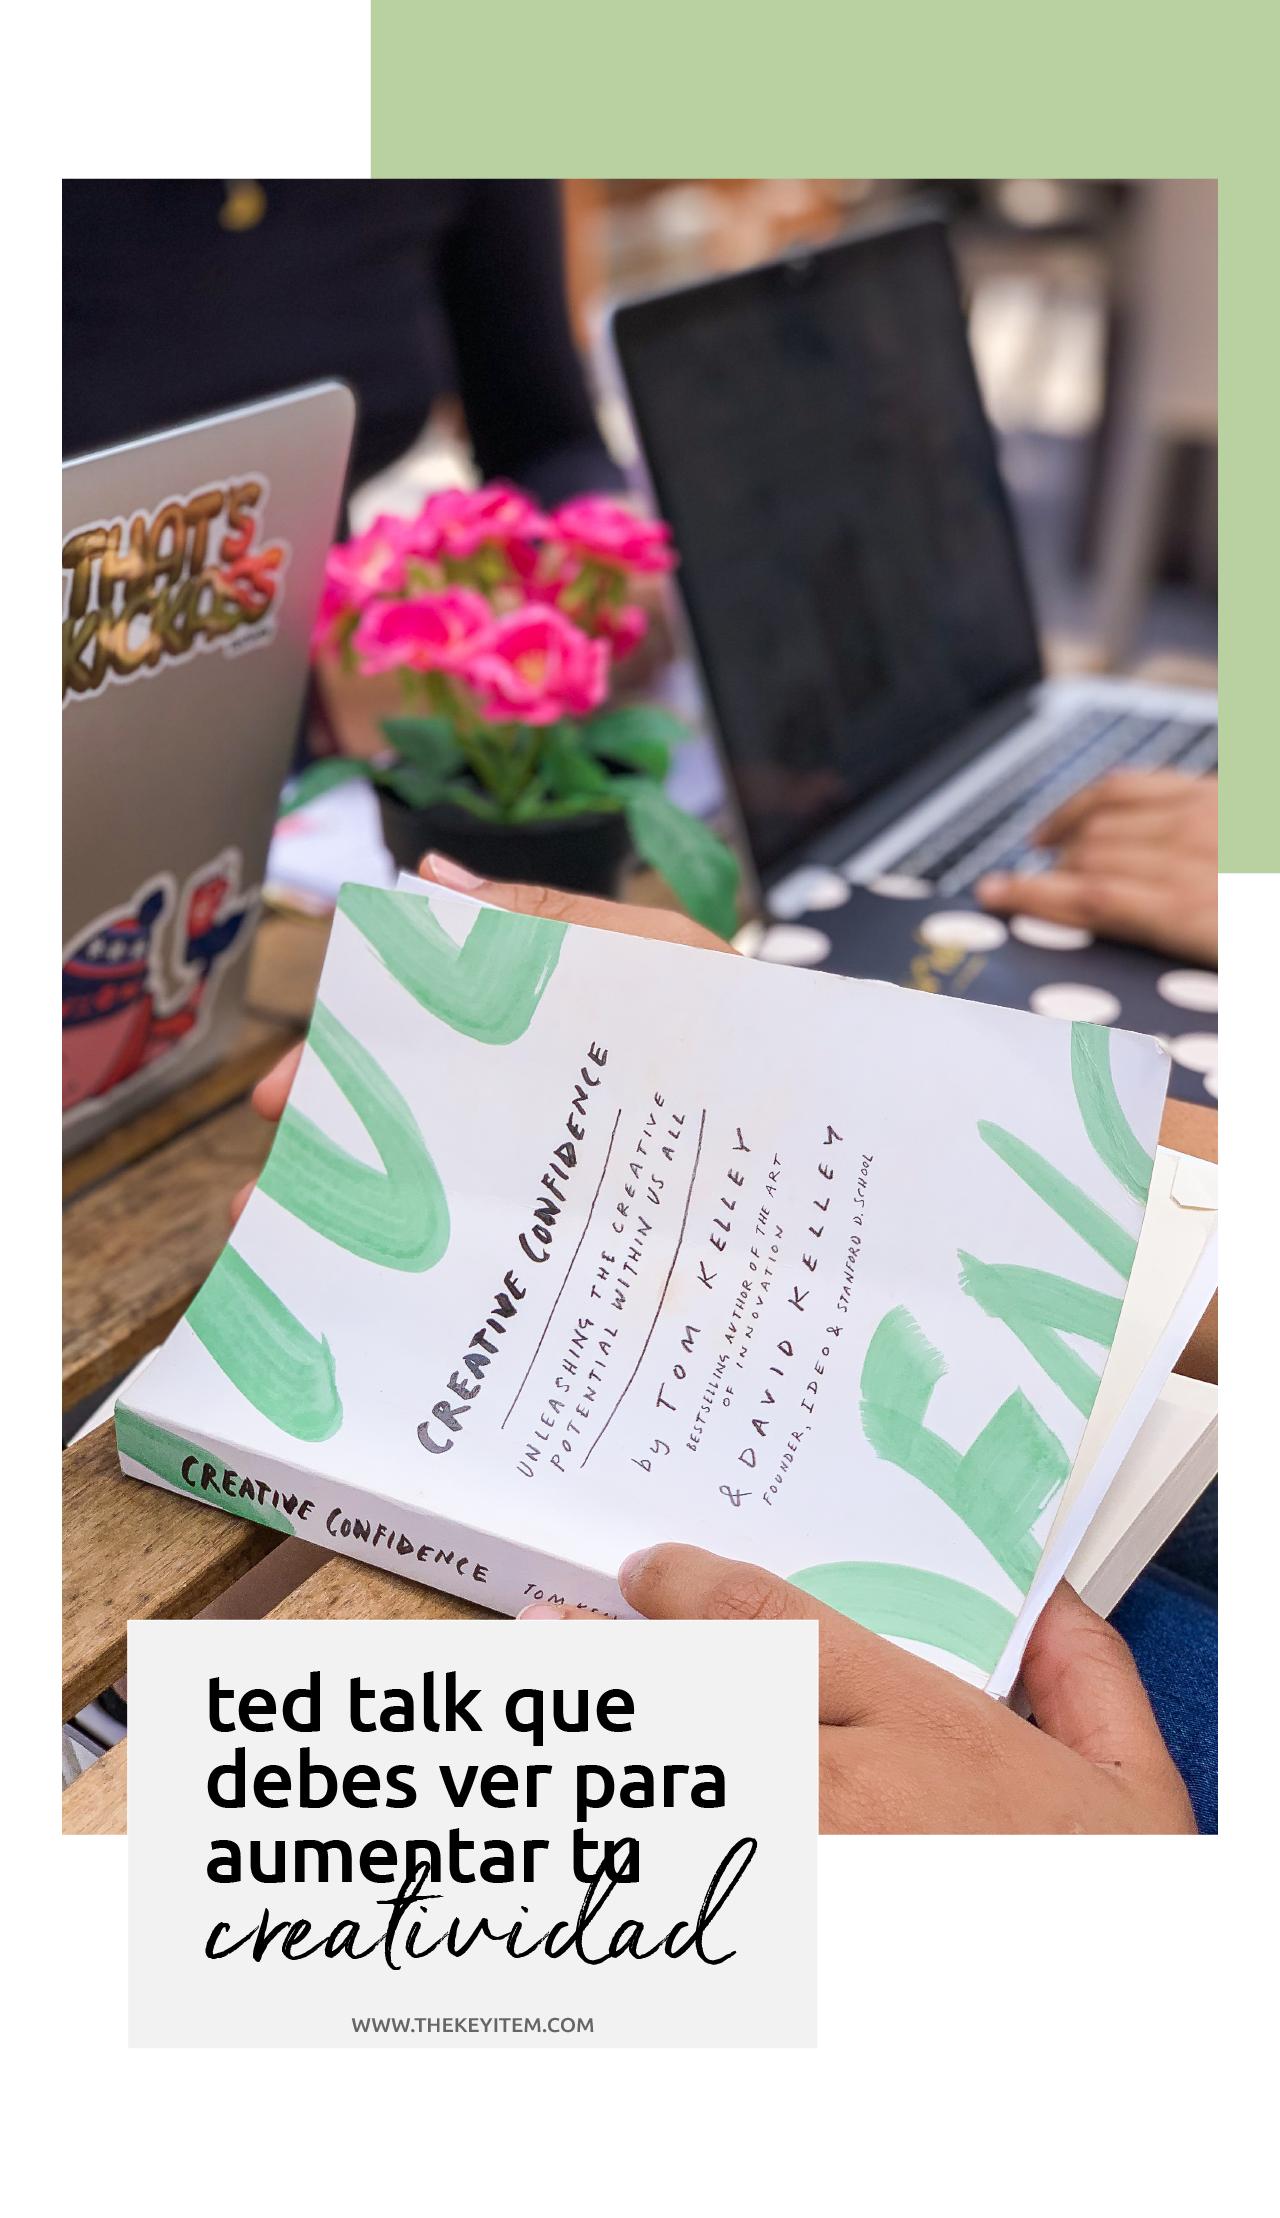 ¡Ted Talk sobre creatividad! Desarrolla tus ideas de la mejor manera usando estos vídeos como inspiración.